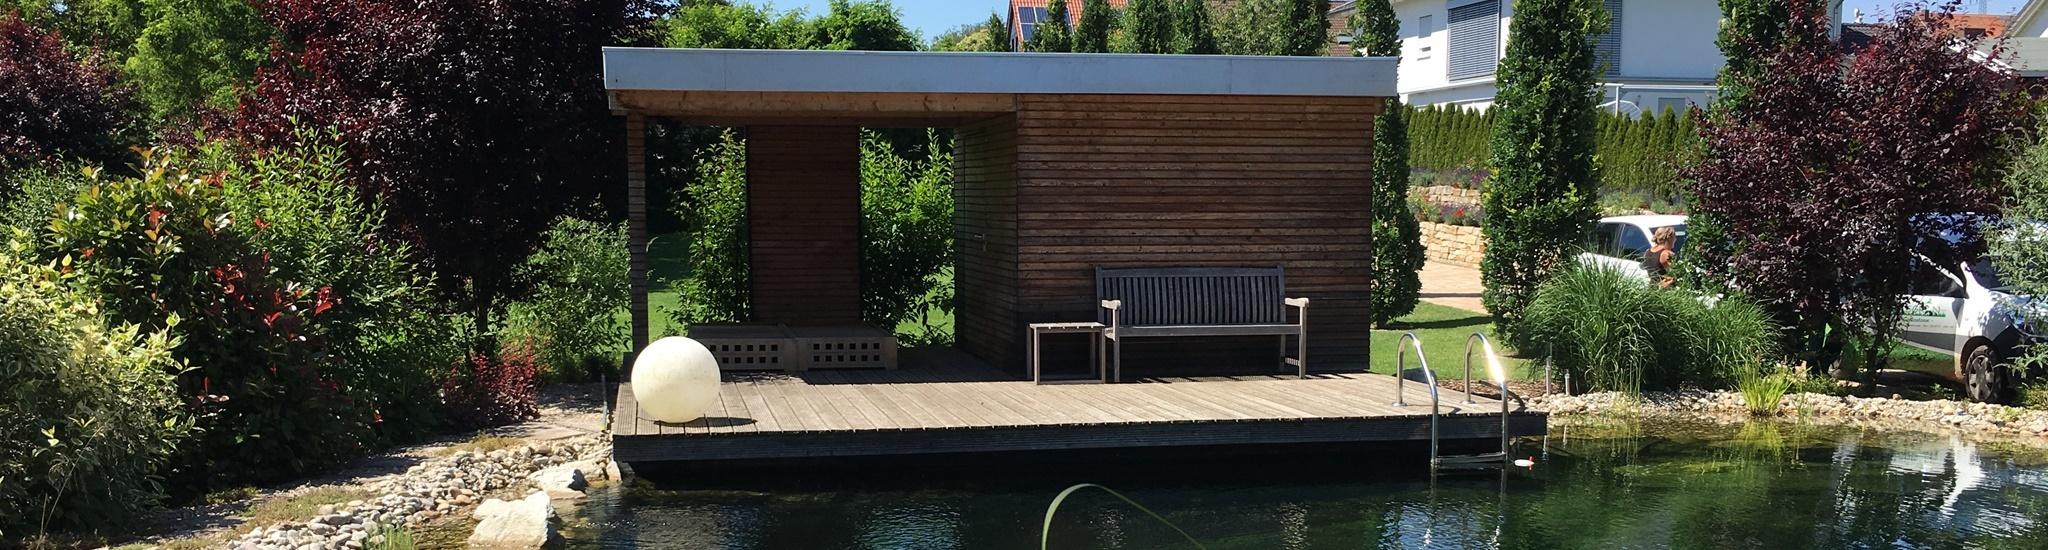 Herrlich Moderne Gartenhauser ~ Moderne gartenhäuser wir bauen nach ihren wünschen